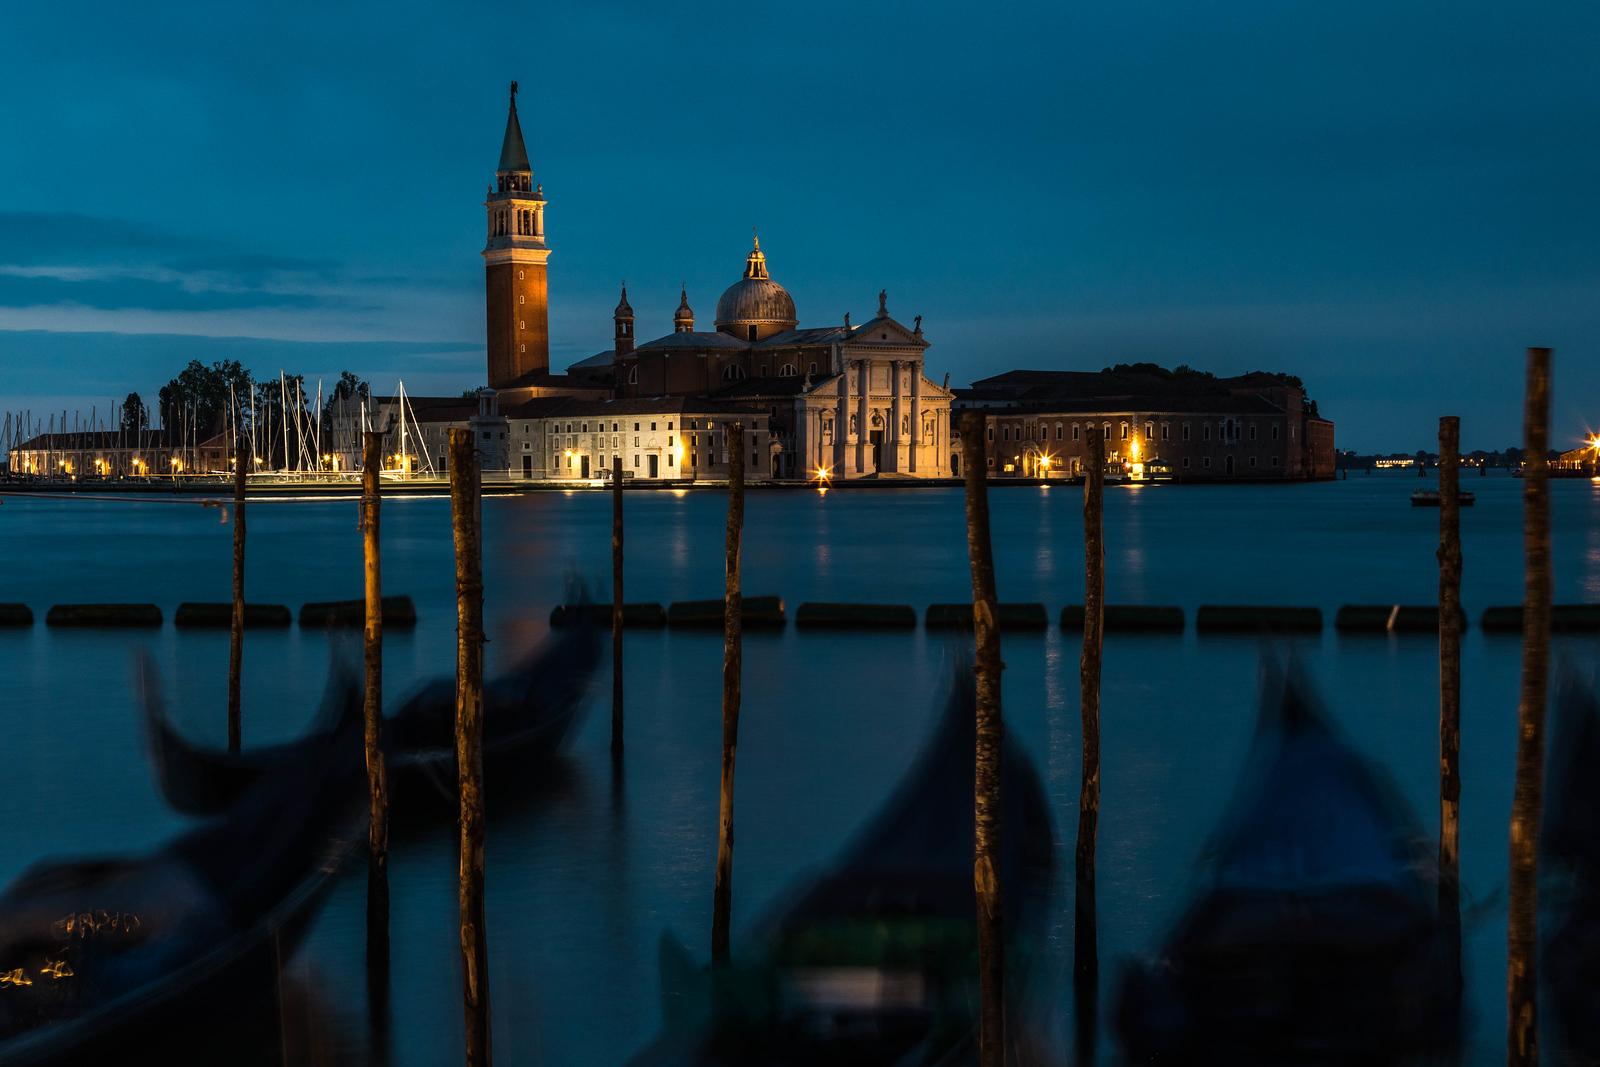 italy-venice-st-marks-square-traghetto-gondole-molo-chiesa-di-san-giorgio-maggiore-1-6